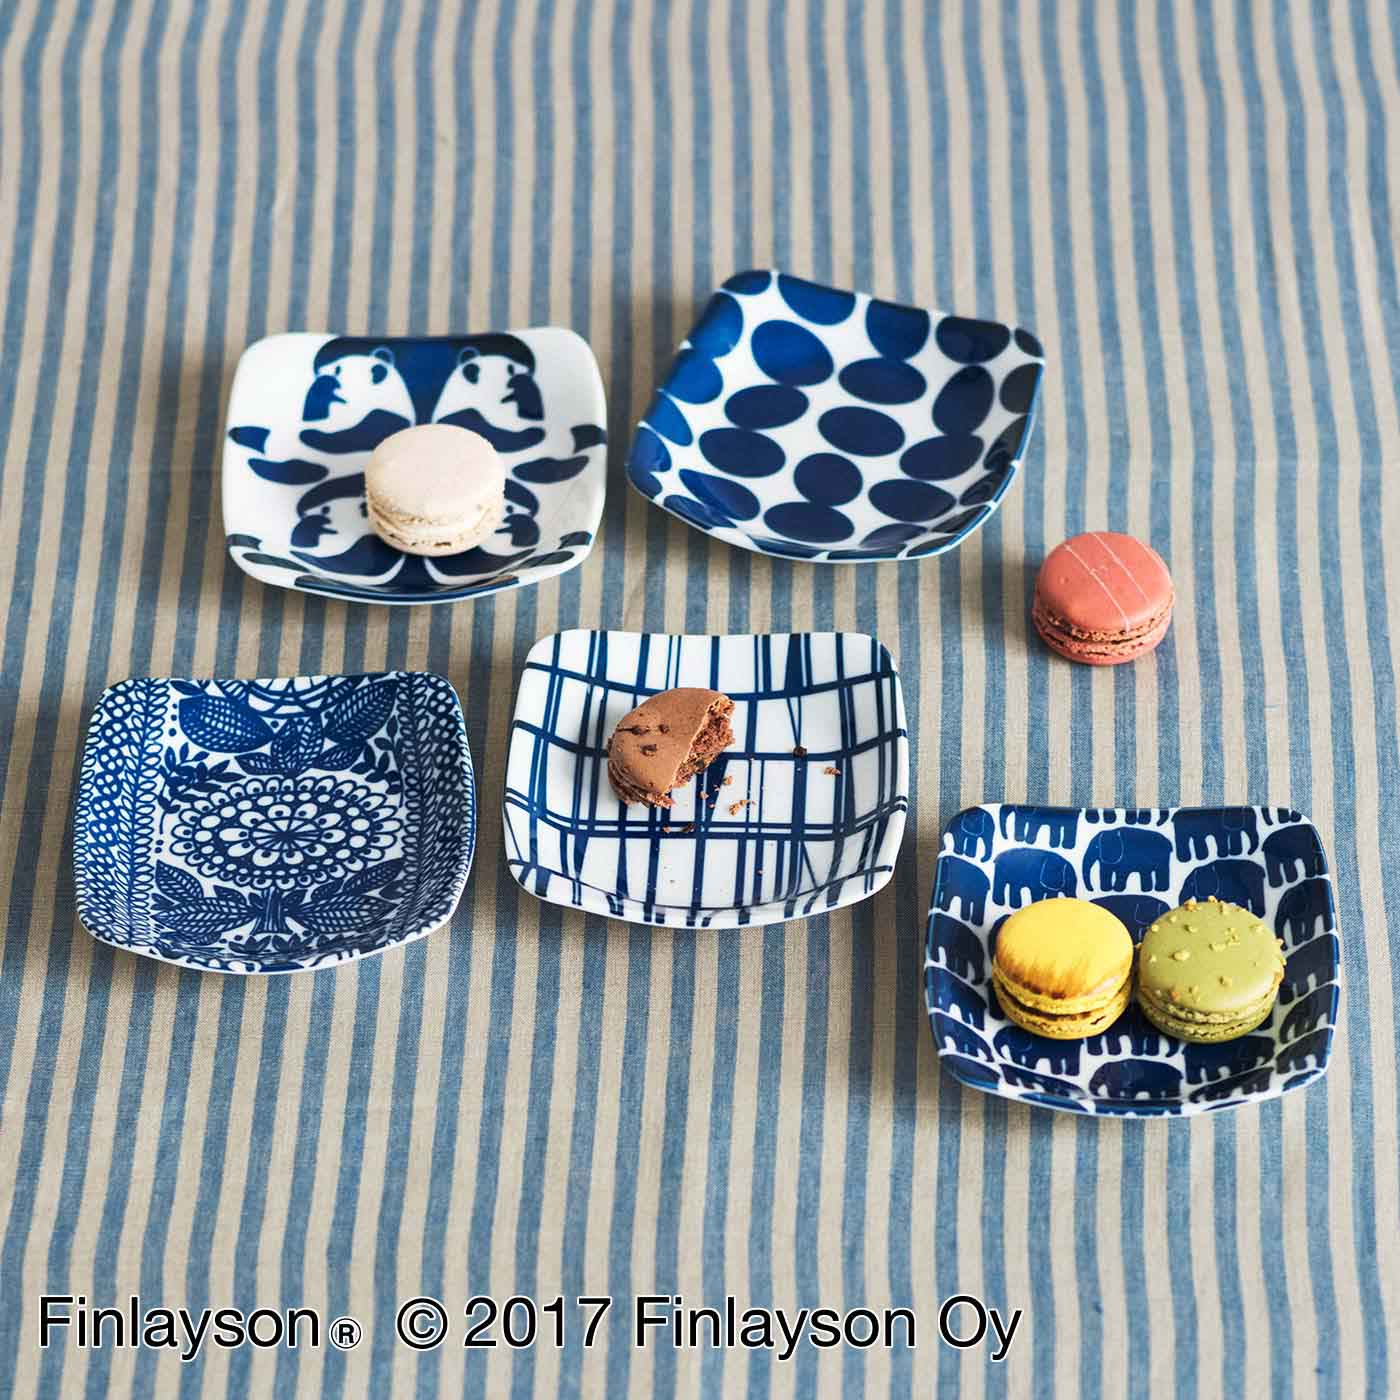 フェリシモ Finlayson フィンレイソン 藍色美しい5種類の角皿セット